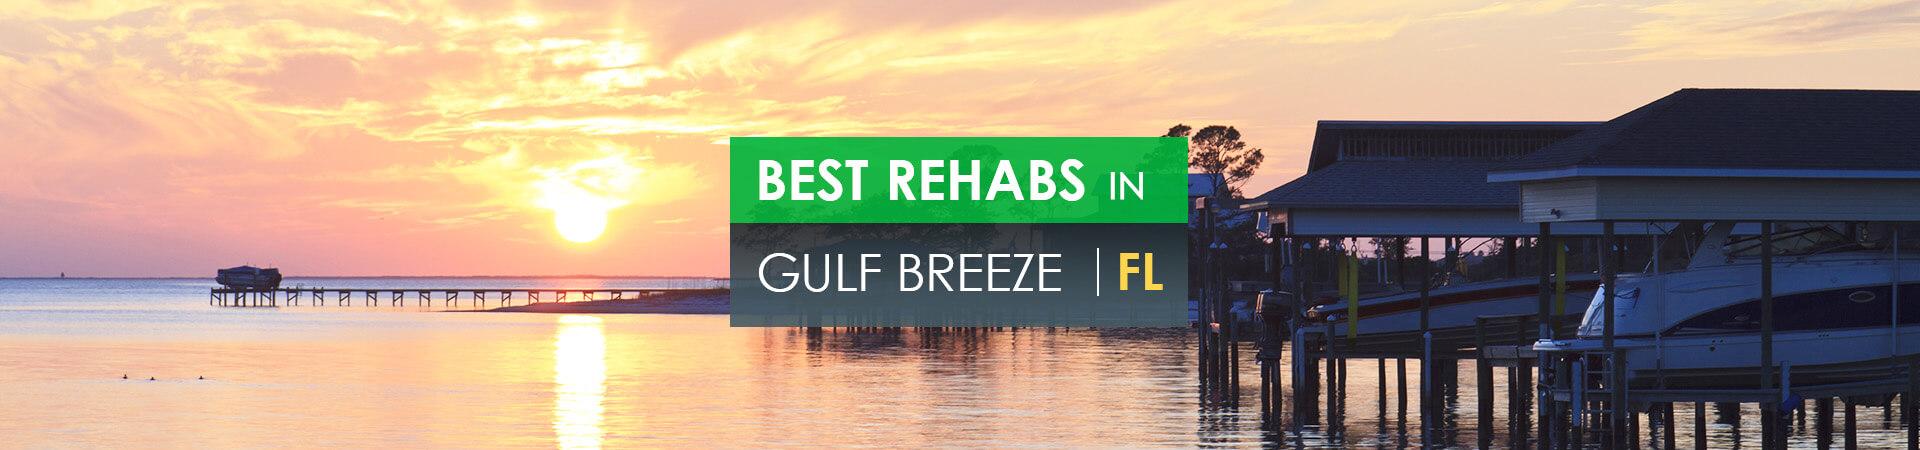 Best rehabs in Gulf Breeze, FL